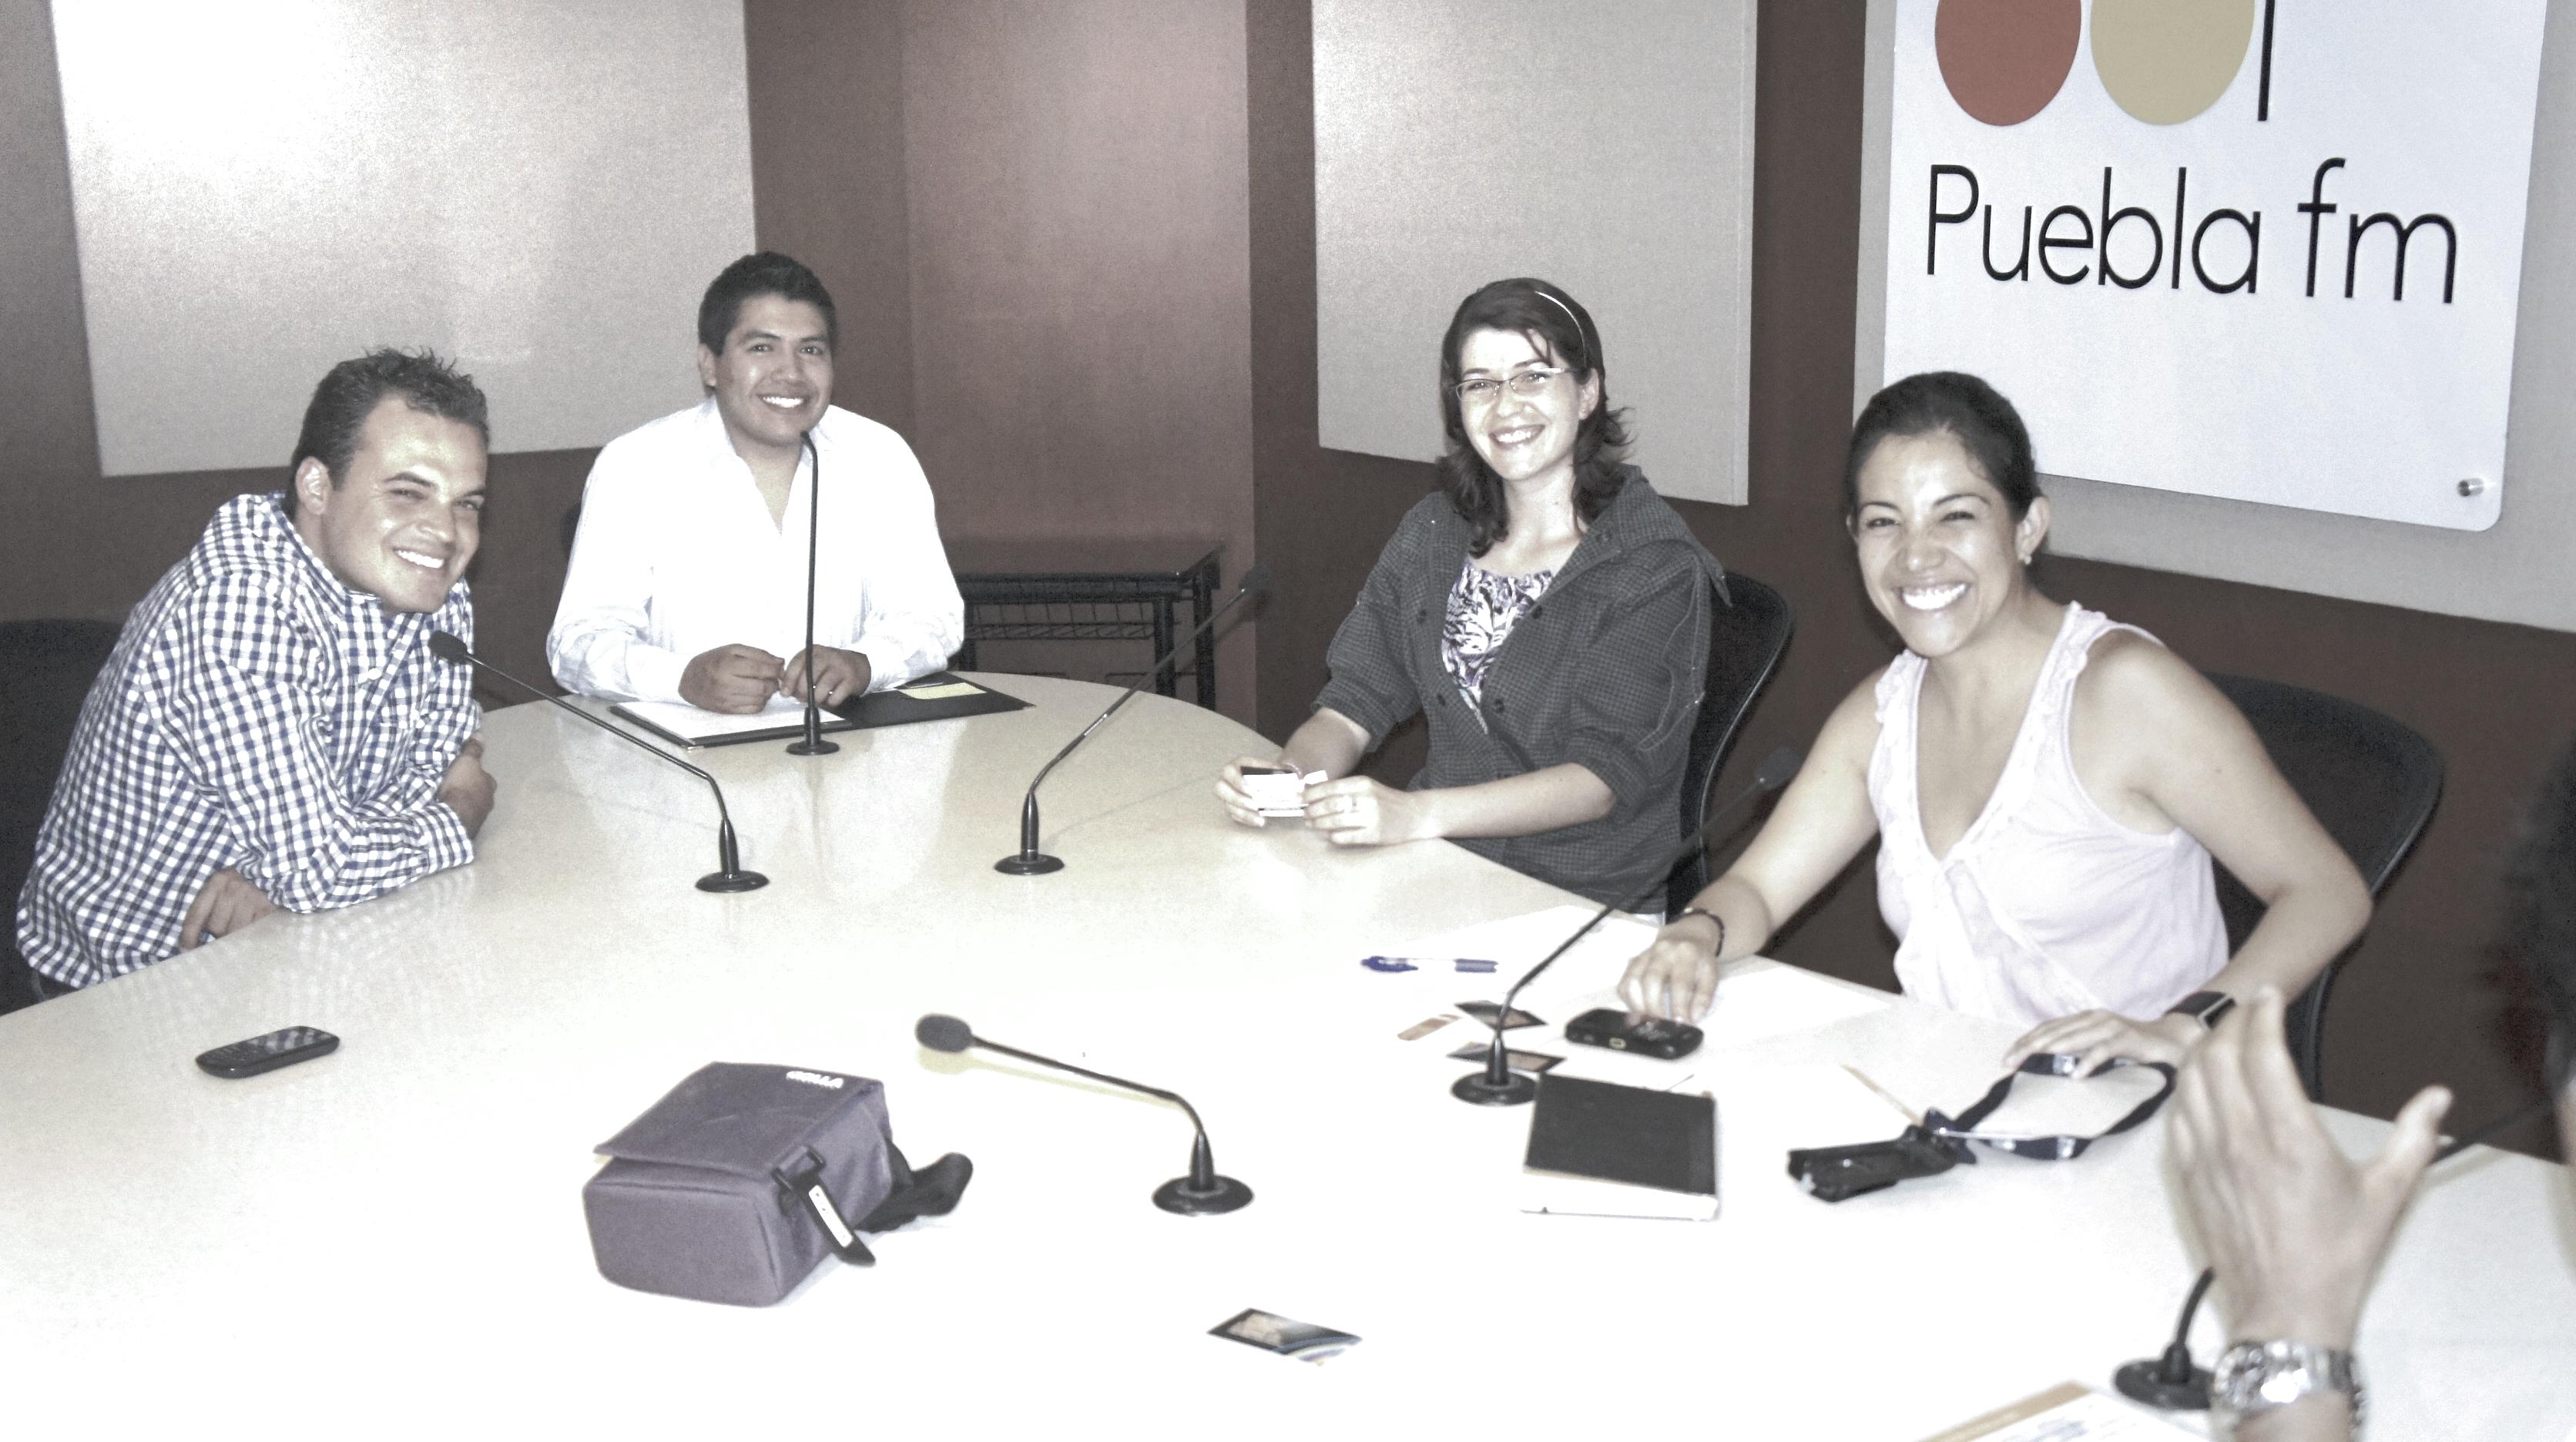 #entrevistas en ele Radio